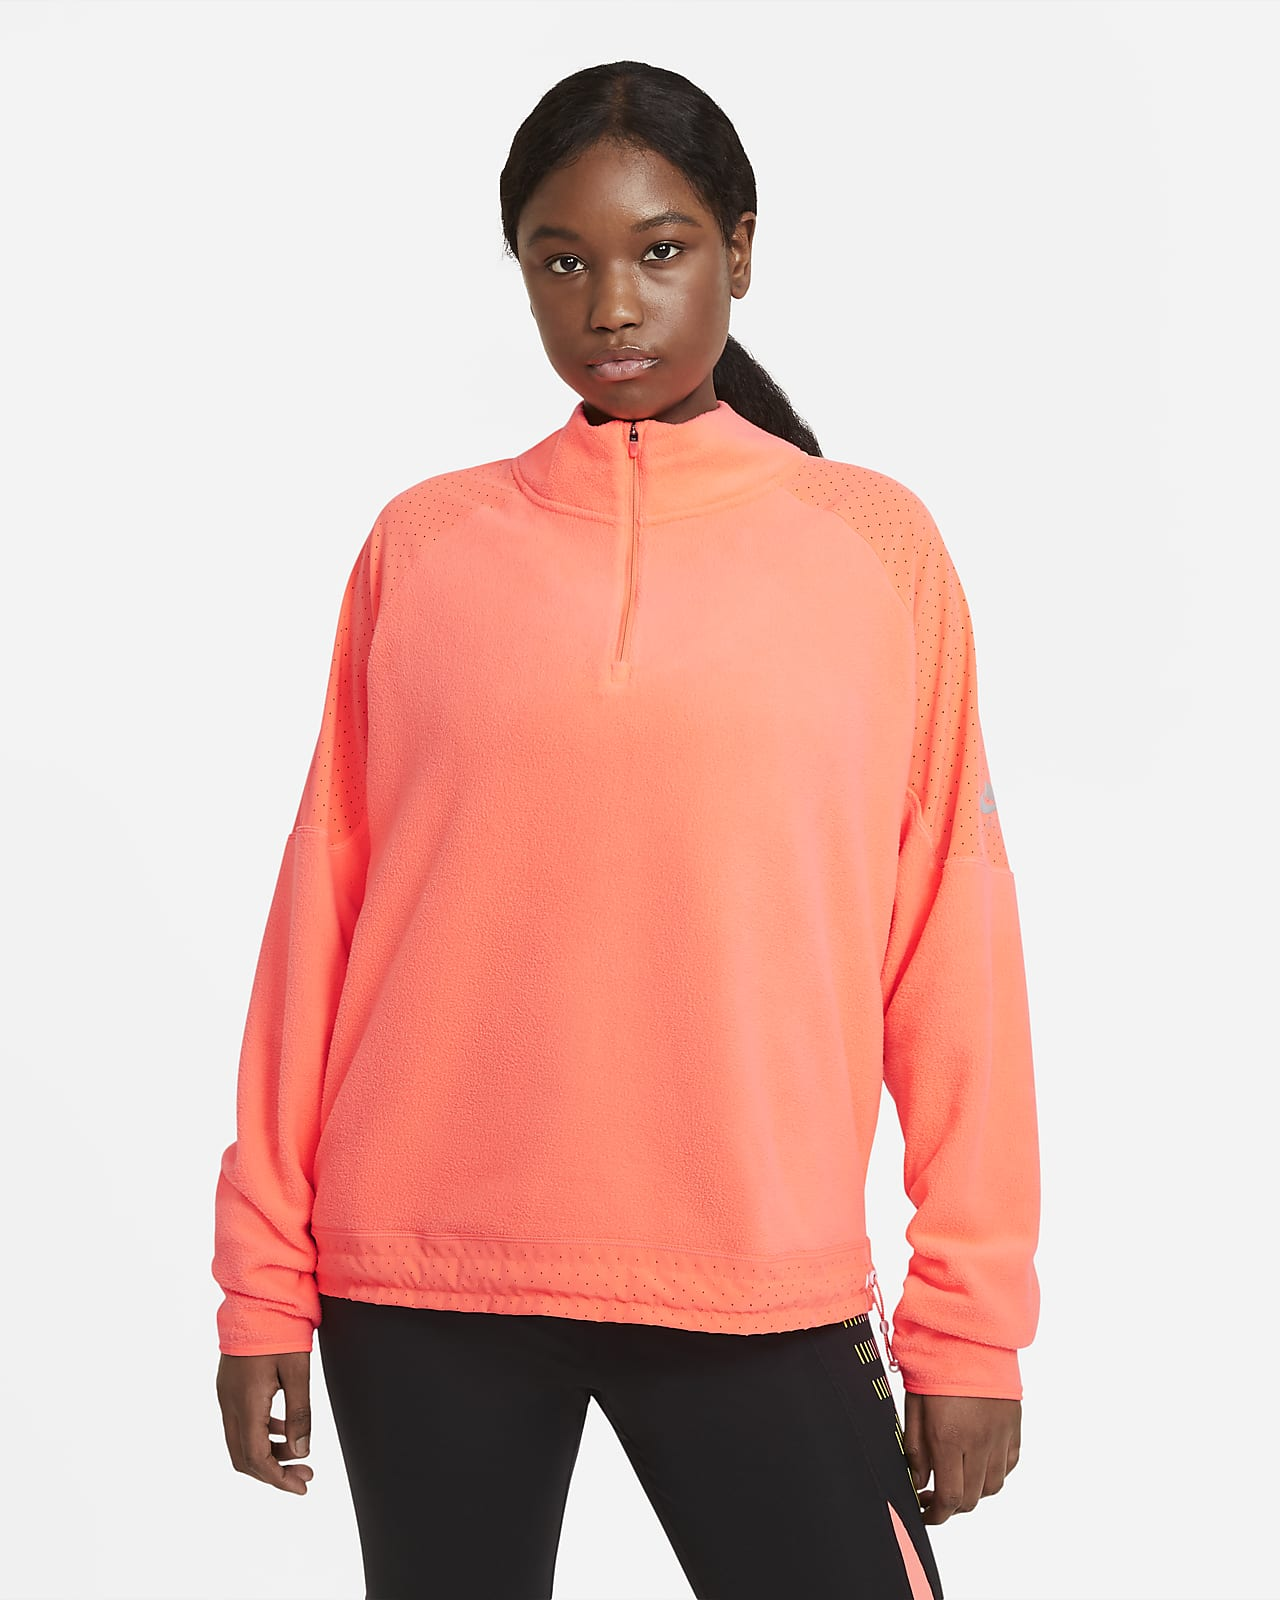 Γυναικεία μπλούζα για τρέξιμο Nike Air Midlayer (μεγάλα μεγέθη)